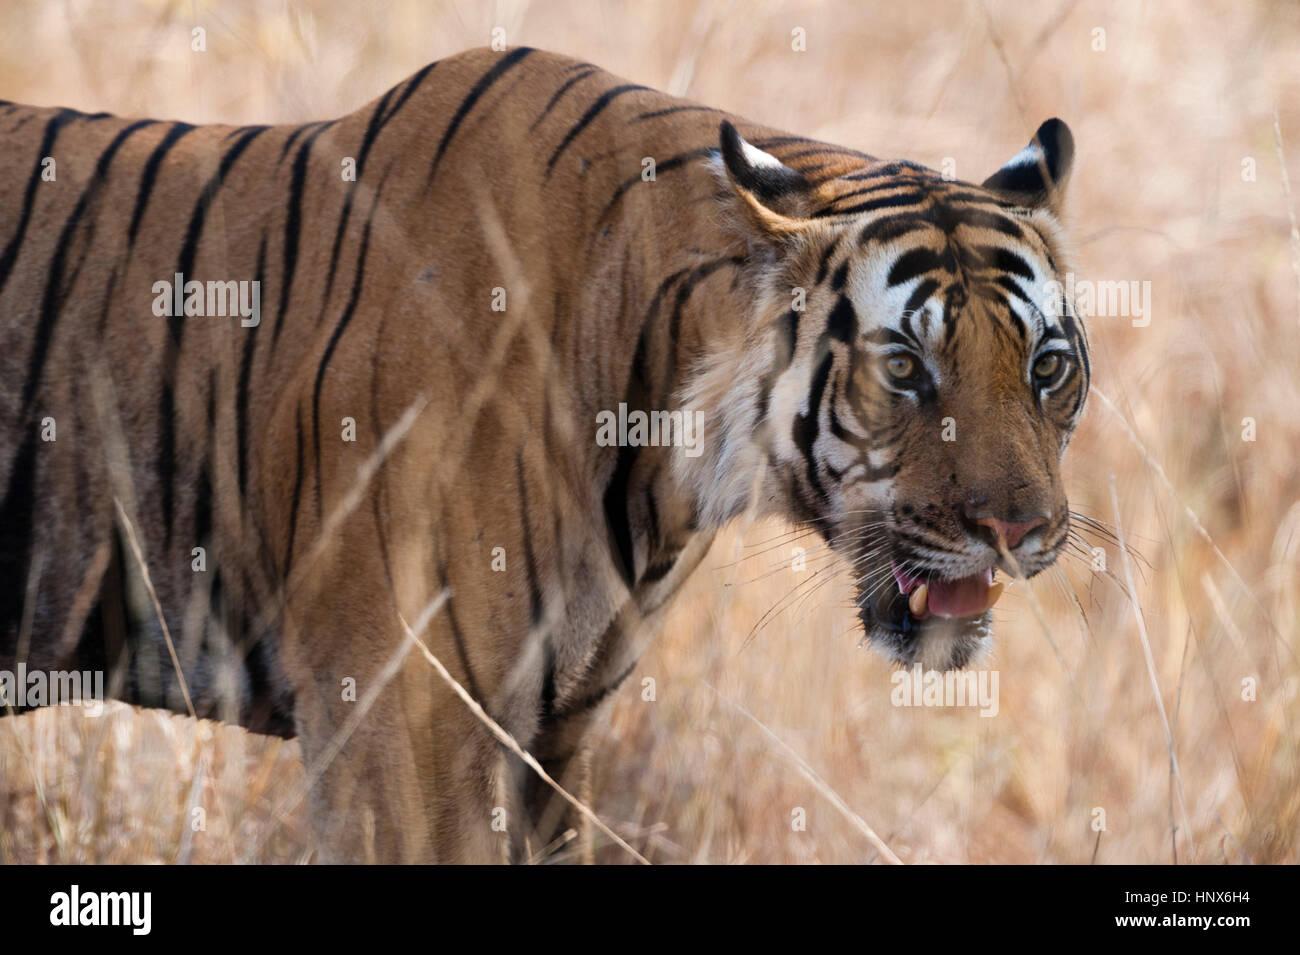 Bengal tiger (Panthera tigris tigris), Bandhavgarh National Park, India - Stock Image